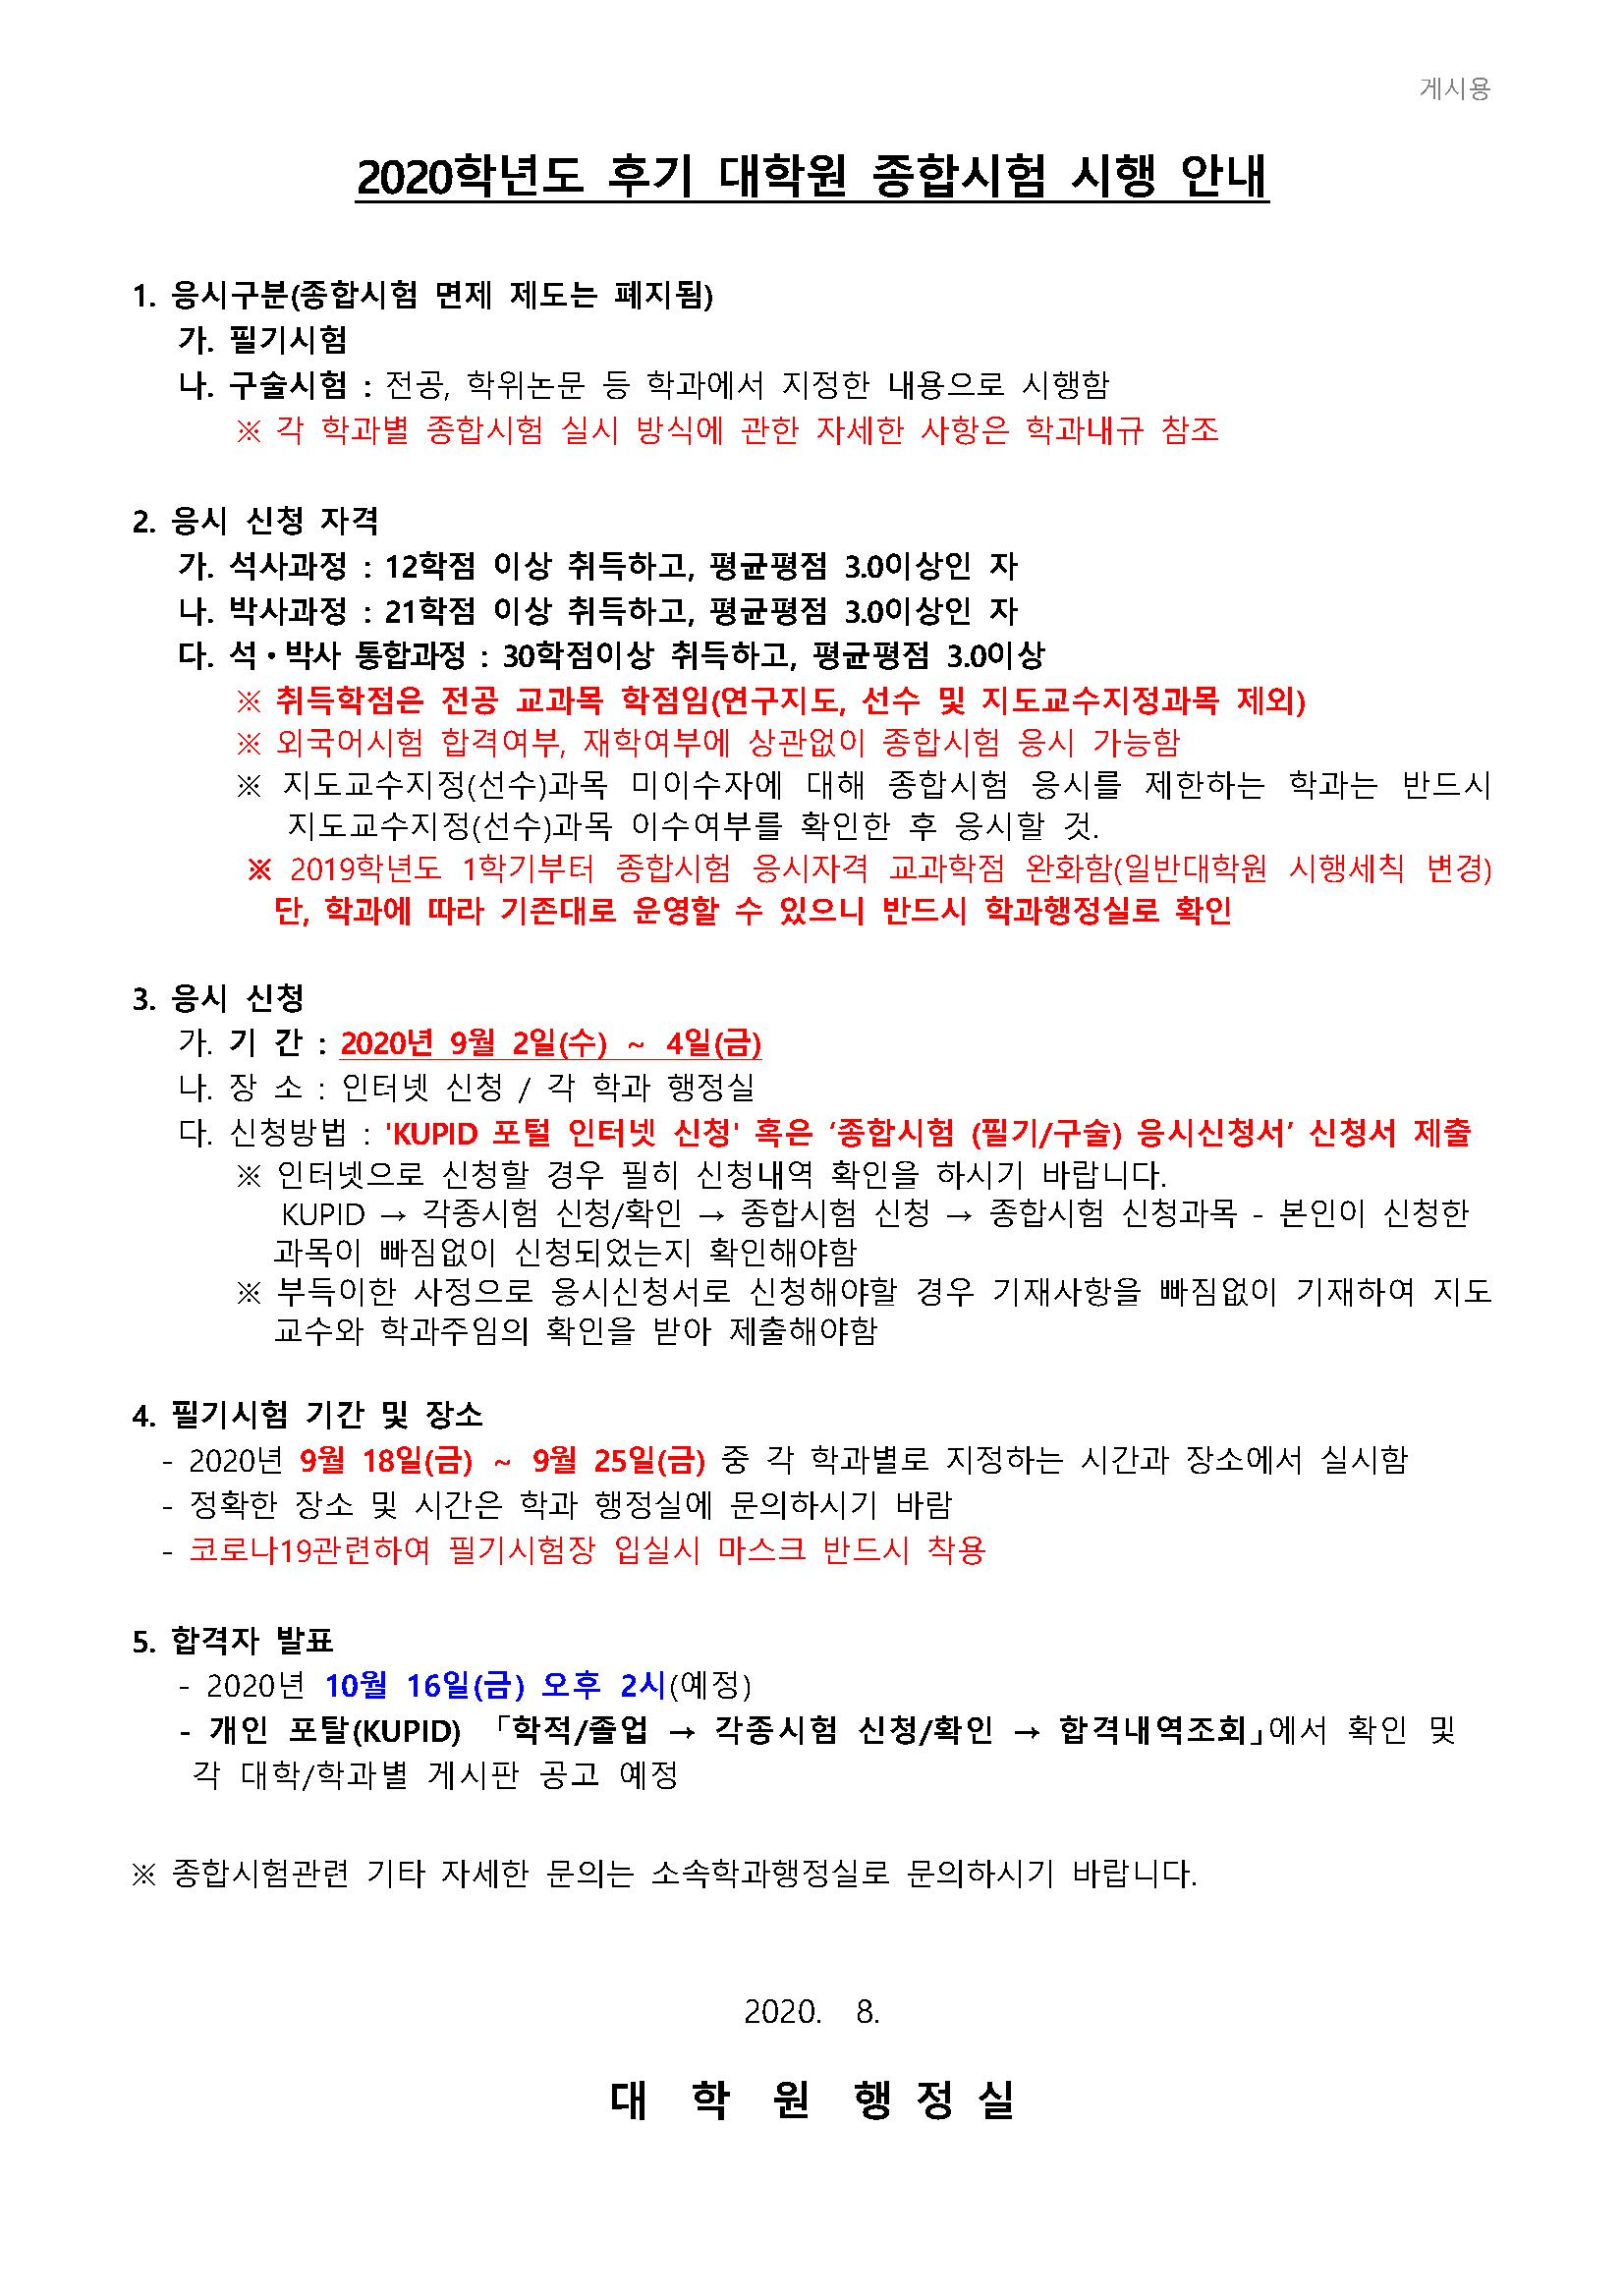 2020학년도 후기 종합시험 시행 안내(게시용)_국문.png